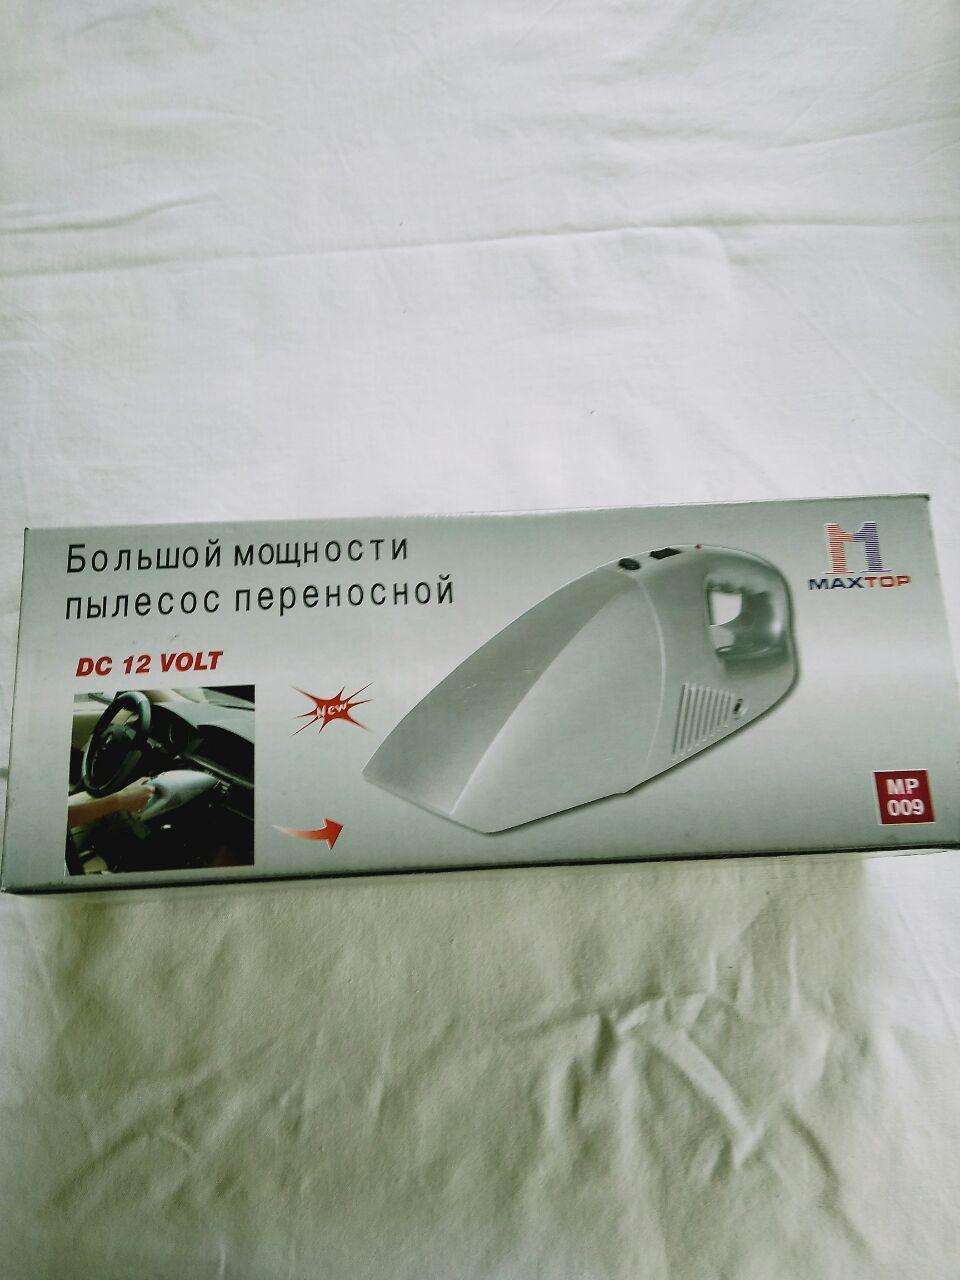 Автомобільний пилосос mp009